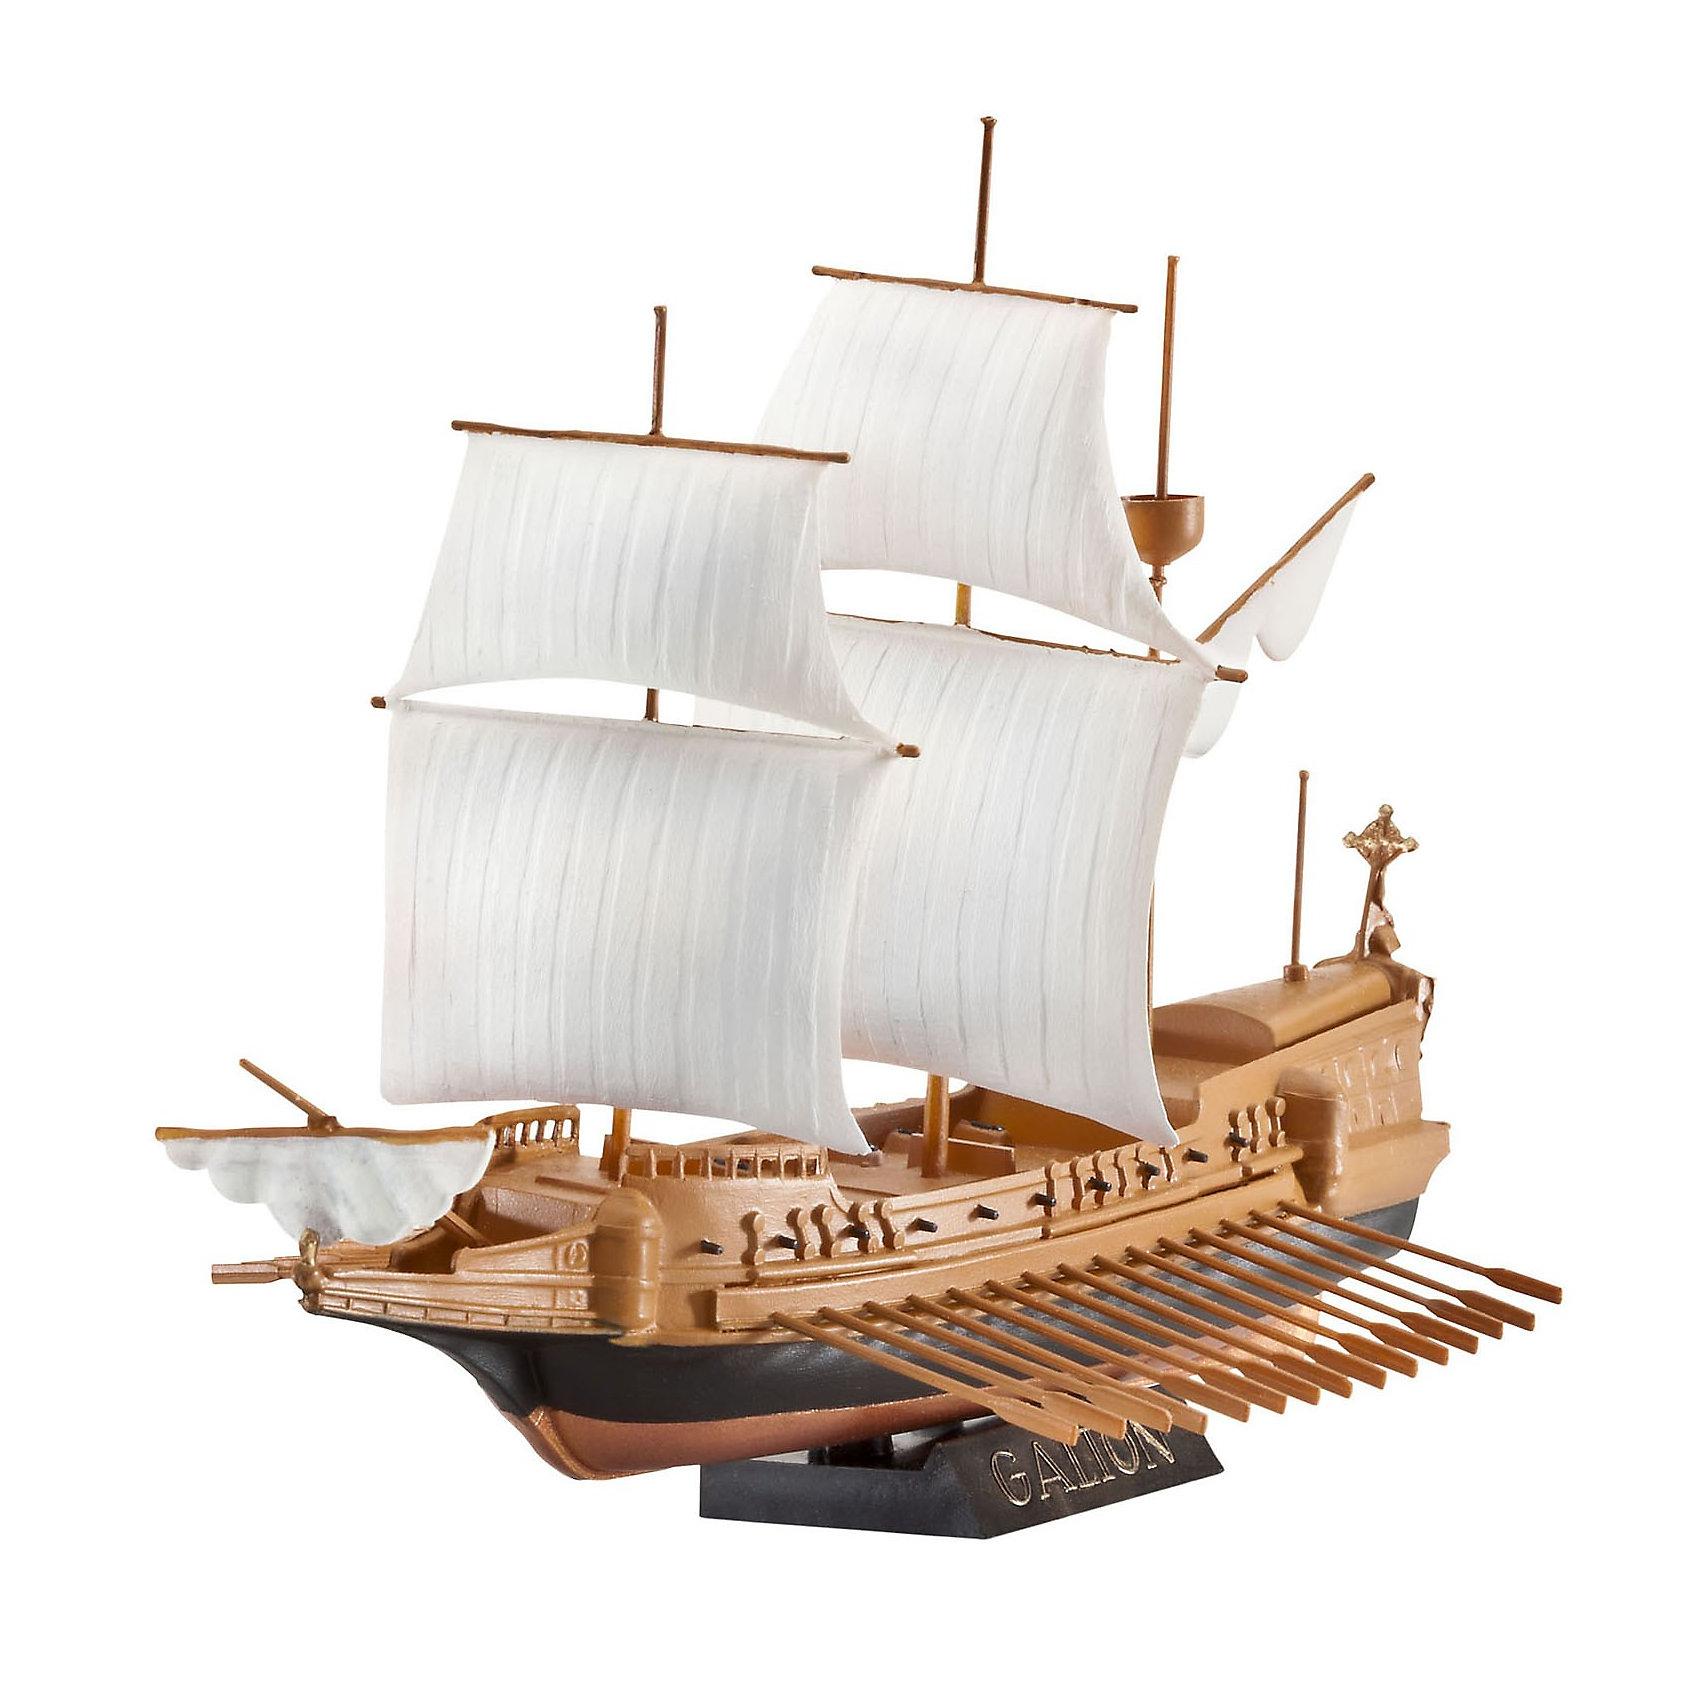 """Испанский Галеон, RevellИспанский Галеон, Revell (Ревелл) – эта максимально детализированная модель станет украшением комнаты и дополнением коллекции.<br>Галеон является одним из самых ярких представителей кораблей времен золотого века парусного флота. Впервые суда данного типа появились в середине шестнадцатого века. На протяжении века галеоны были основными судами испанского флота. Именно из этих кораблей состояла """"Непобедимая армада"""" – испанский флот, насчитывающий 130 судов. Чаще галеоны использовали для перевозки грузов из испанских колоний в Европу. Сборная модель испанского галеона от Revell (Ревелл) является абсолютно точной уменьшенной копией своего прототипа. Модель состоит из 19 деталей, которые необходимо собрать, склеить и покрыть краской в соответствии с инструкцией. В наборе также прилагаются клей в удобной упаковке, краски и кисточка. Модель тщательно проработана. Моделирование считается одним из наиболее полезных хобби, ведь оно развивает интеллектуальные и инструментальные способности, воображение и конструктивное мышление. Прививает практические навыки работы со схемами и чертежами.<br><br>Дополнительная информация:<br><br>- В наборе: комплект пластиковых деталей для сборки модели, базовые акриловые краски, клей, кисточка, инструкция<br>- Количество деталей: 19 шт.<br>- Масштаб: 1:450<br>- Длина модели: 140 мм.<br>- Ширина модели: 97 мм.<br>- Уровень сложности: 2 (из 5)<br>- Дополнительно потребуются: кусачки, для того чтобы отделить детали с литников<br>- Краски из набора можно разбавлять обычной водой или фирменным растворителем Revell (Ревелл)<br><br>Модель Испанского Галеона, Revell (Ревелл) можно купить в нашем интернет-магазине.<br><br>Ширина мм: 270<br>Глубина мм: 33<br>Высота мм: 155<br>Вес г: 230<br>Возраст от месяцев: 96<br>Возраст до месяцев: 1188<br>Пол: Мужской<br>Возраст: Детский<br>SKU: 3000683"""